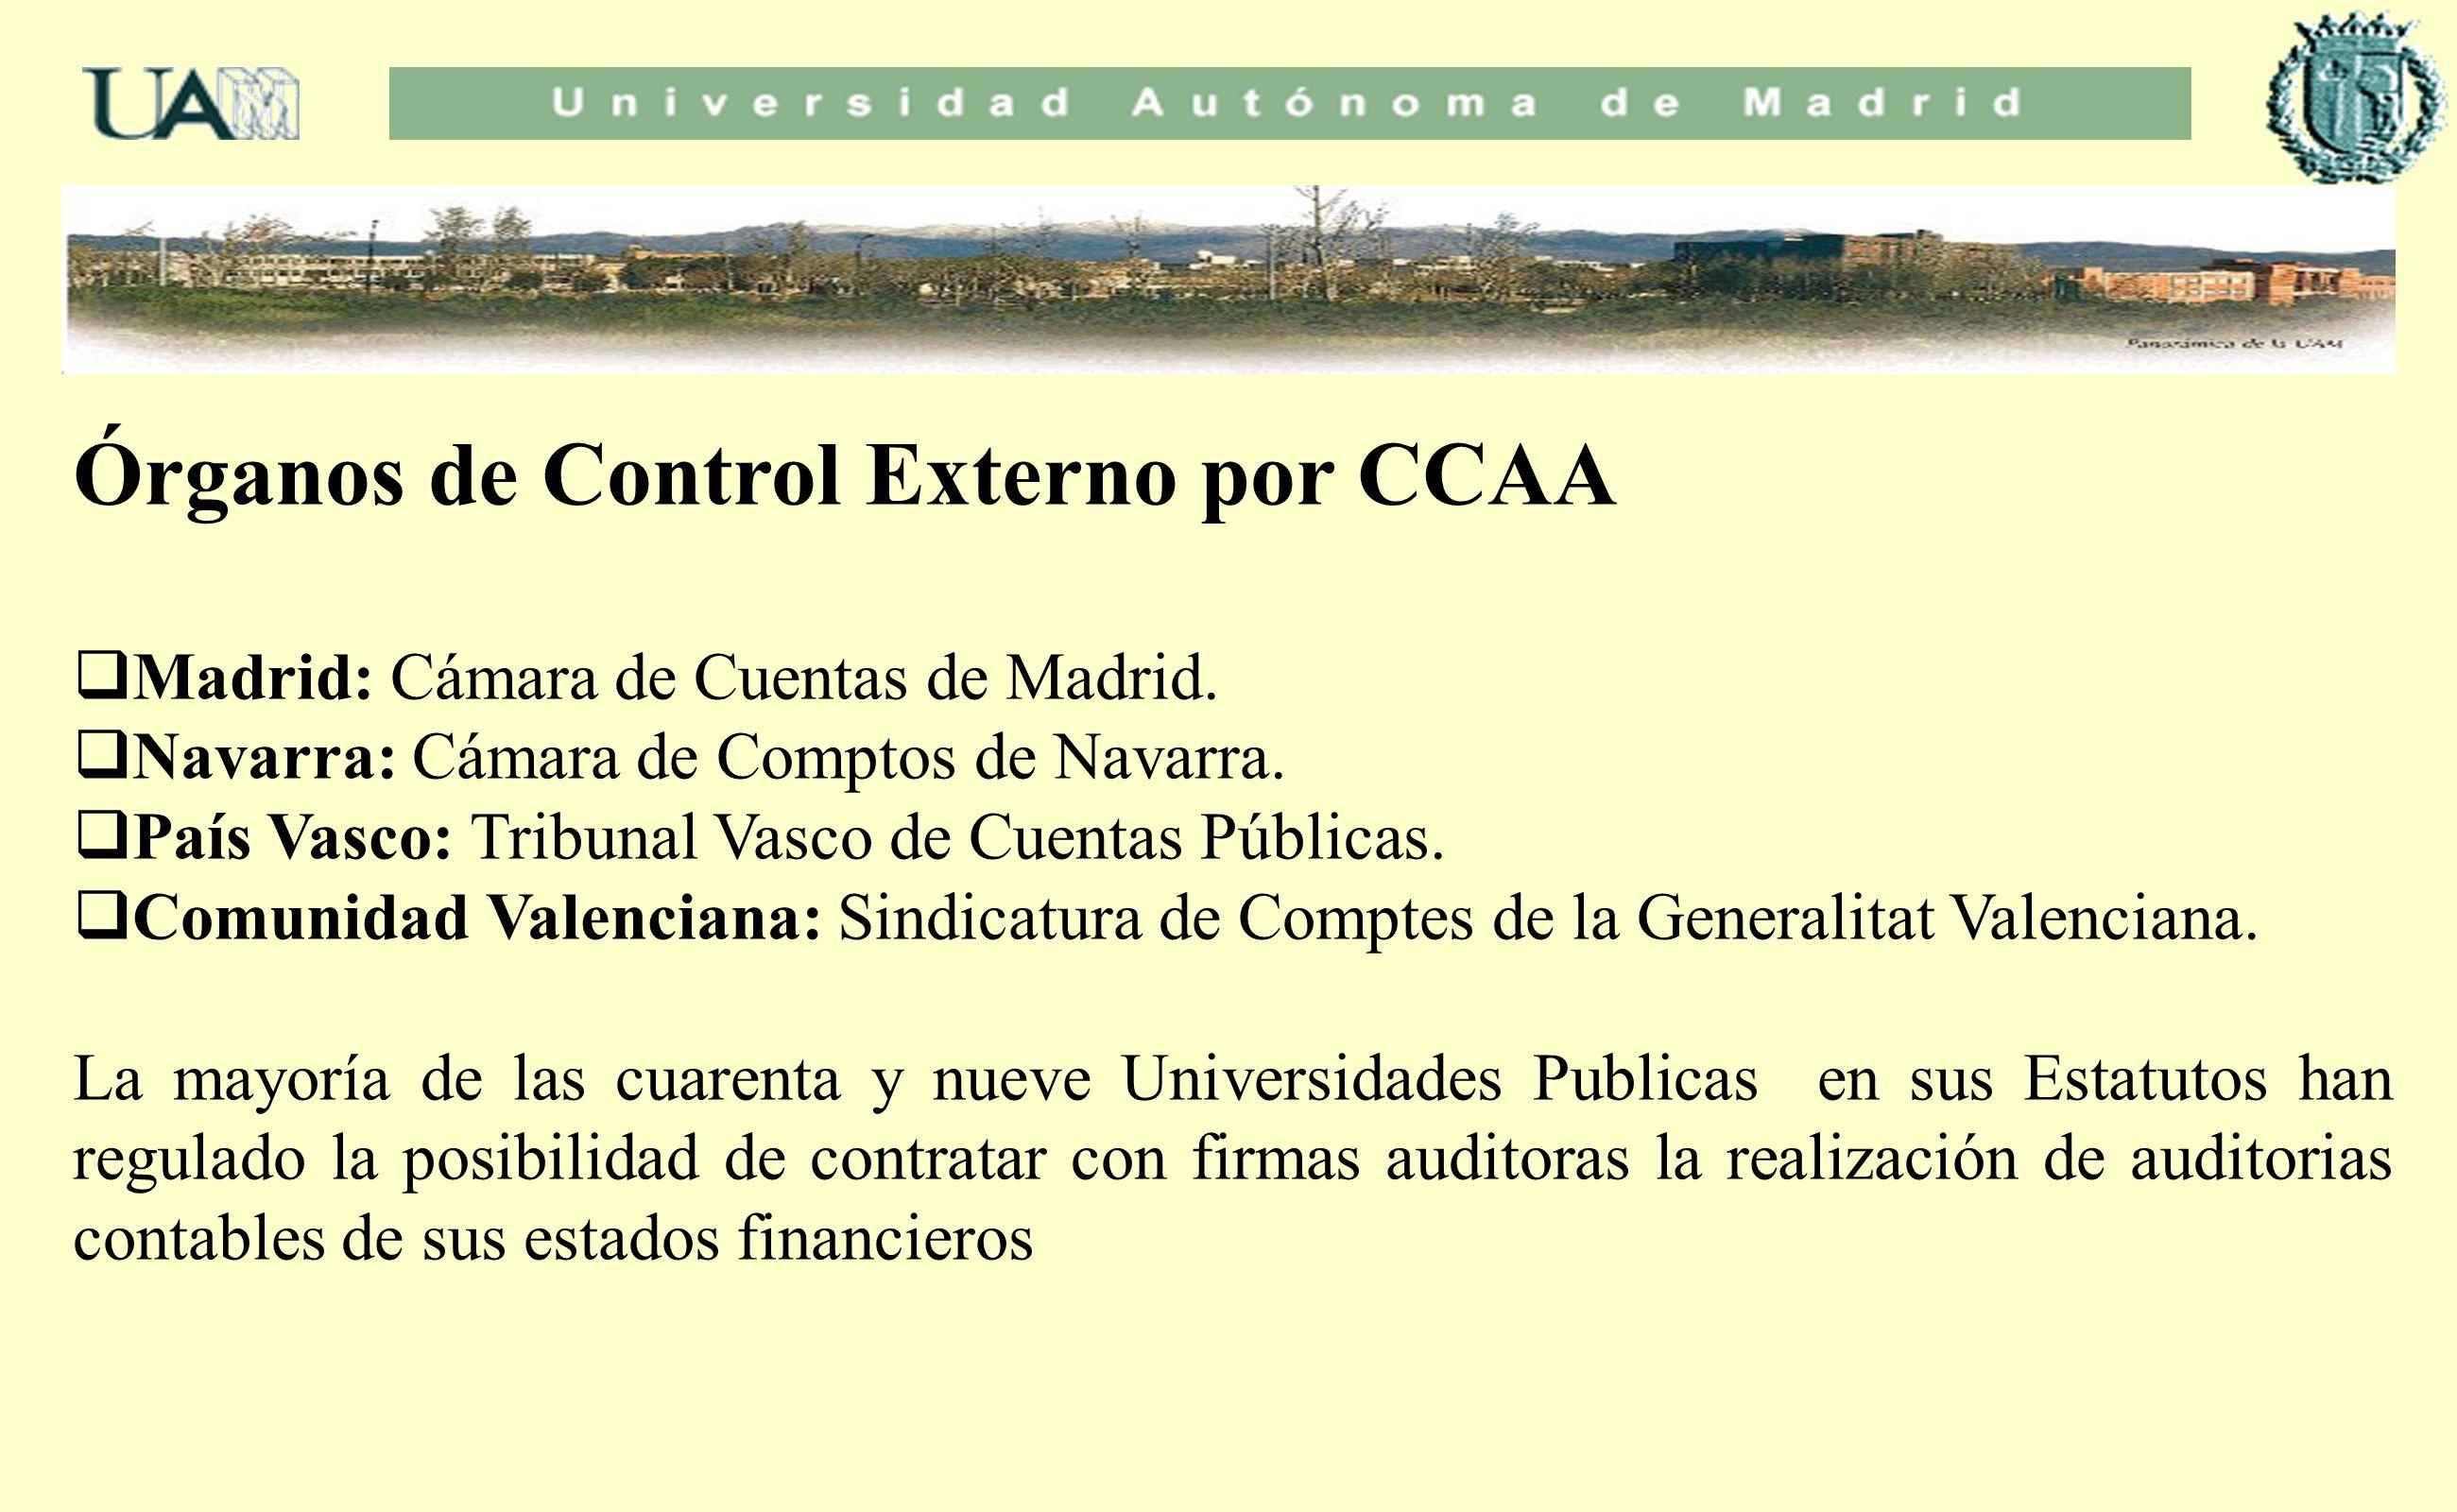 Órganos de Control Externo por CCAA Madrid: Cámara de Cuentas de Madrid. Navarra: Cámara de Comptos de Navarra. País Vasco: Tribunal Vasco de Cuentas